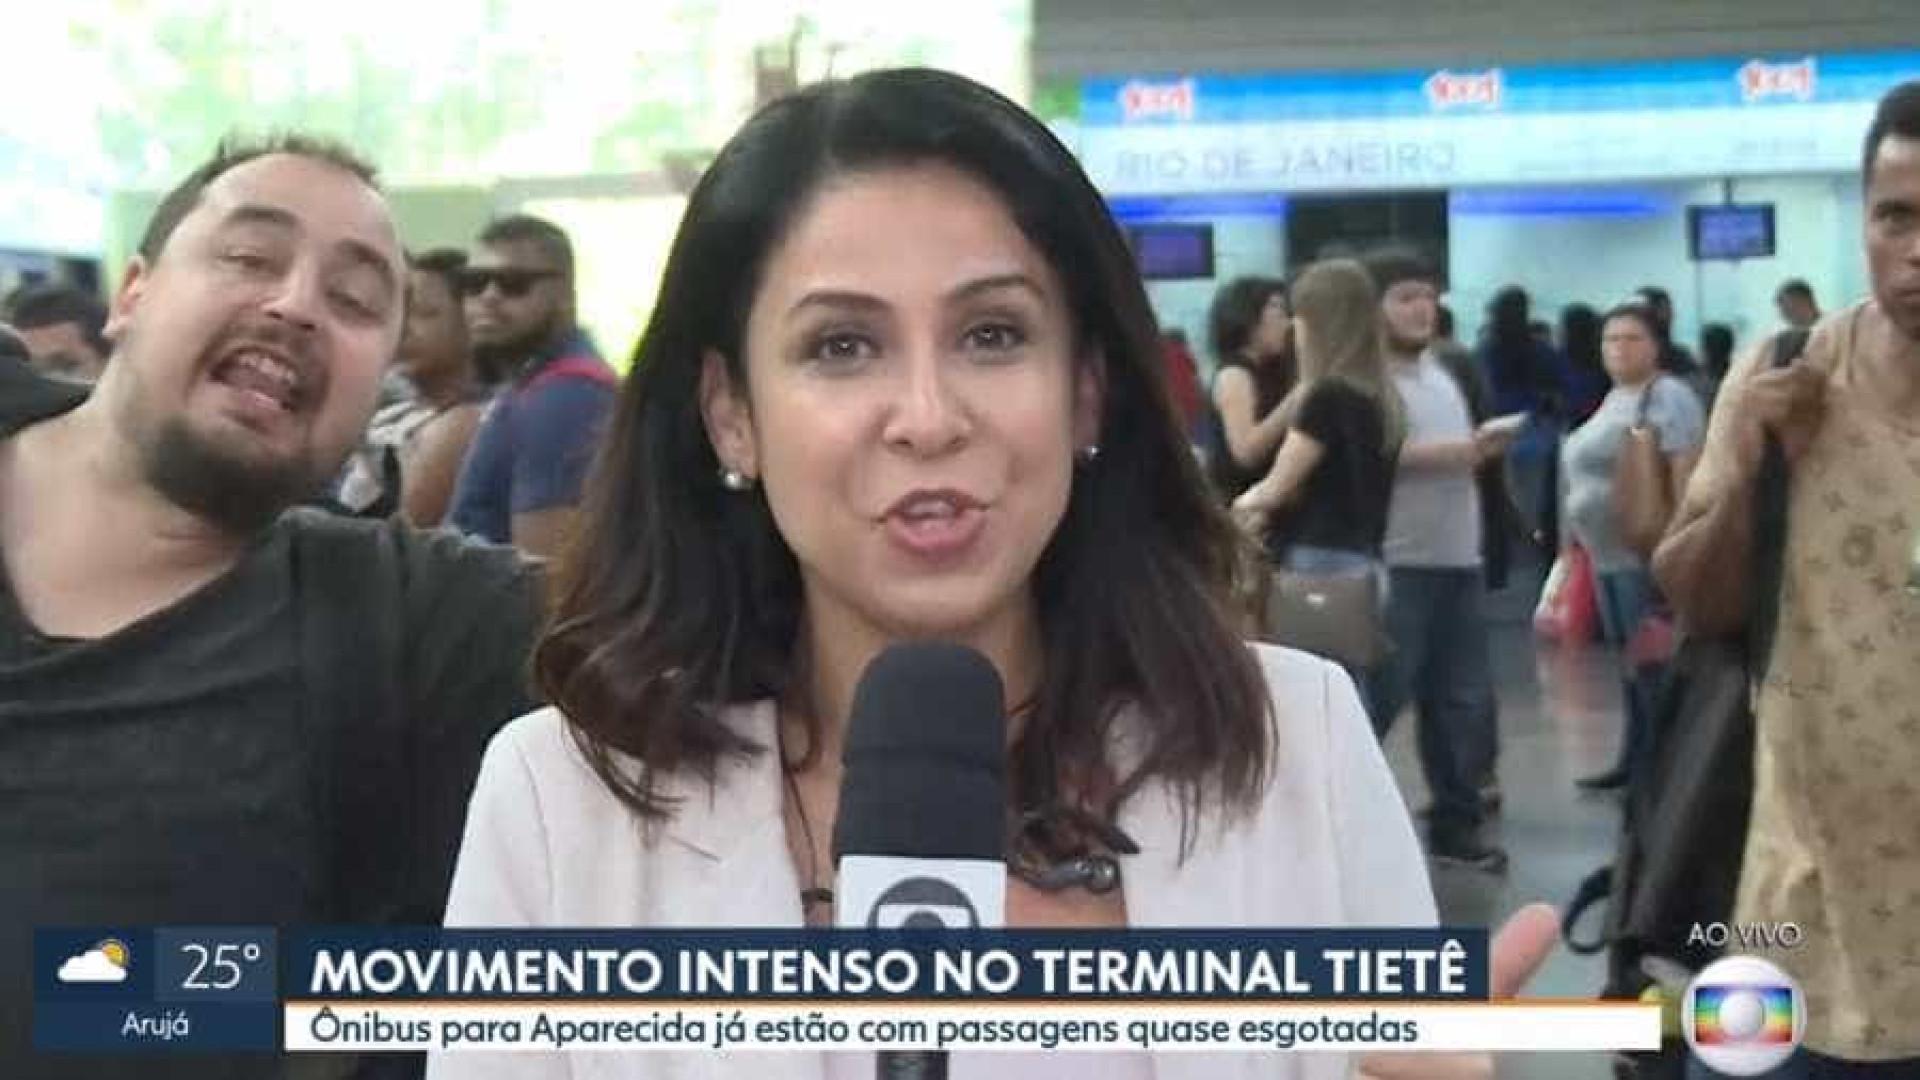 Homem 'invade' transmissão ao vivo da Globo e grita 'Ele não'